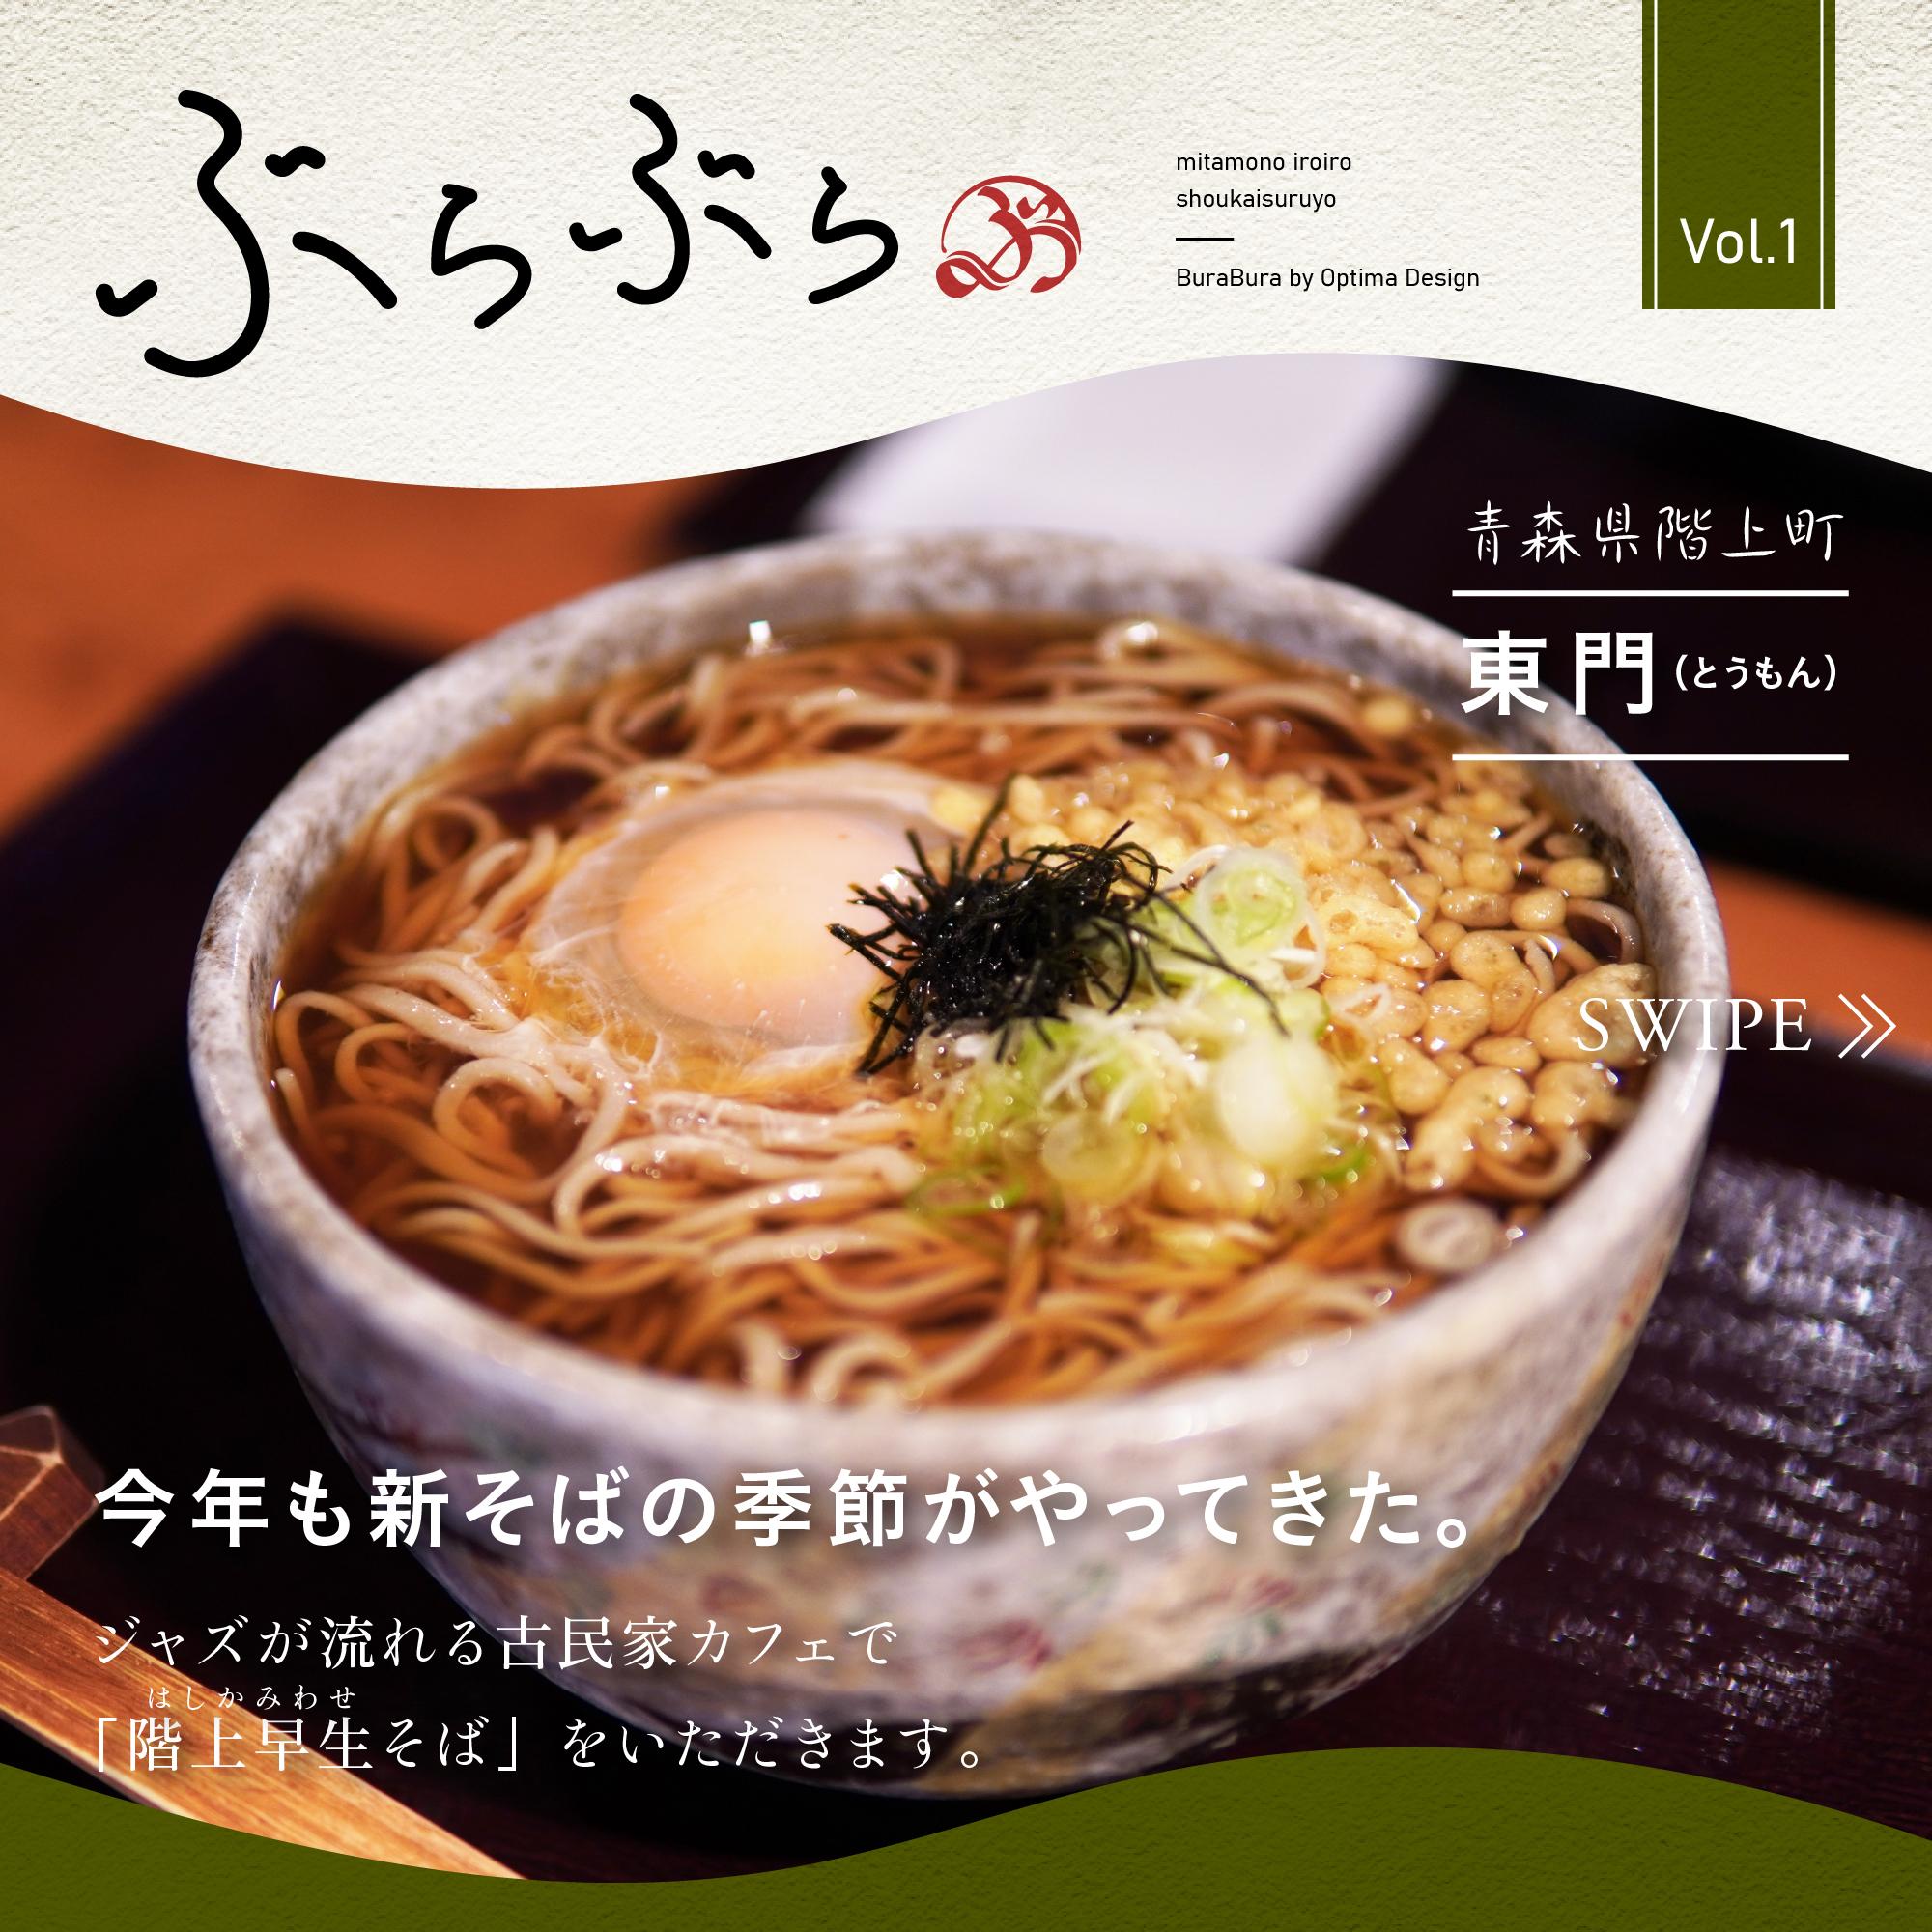 WEBマガジン「ぶらぶら」vol.1